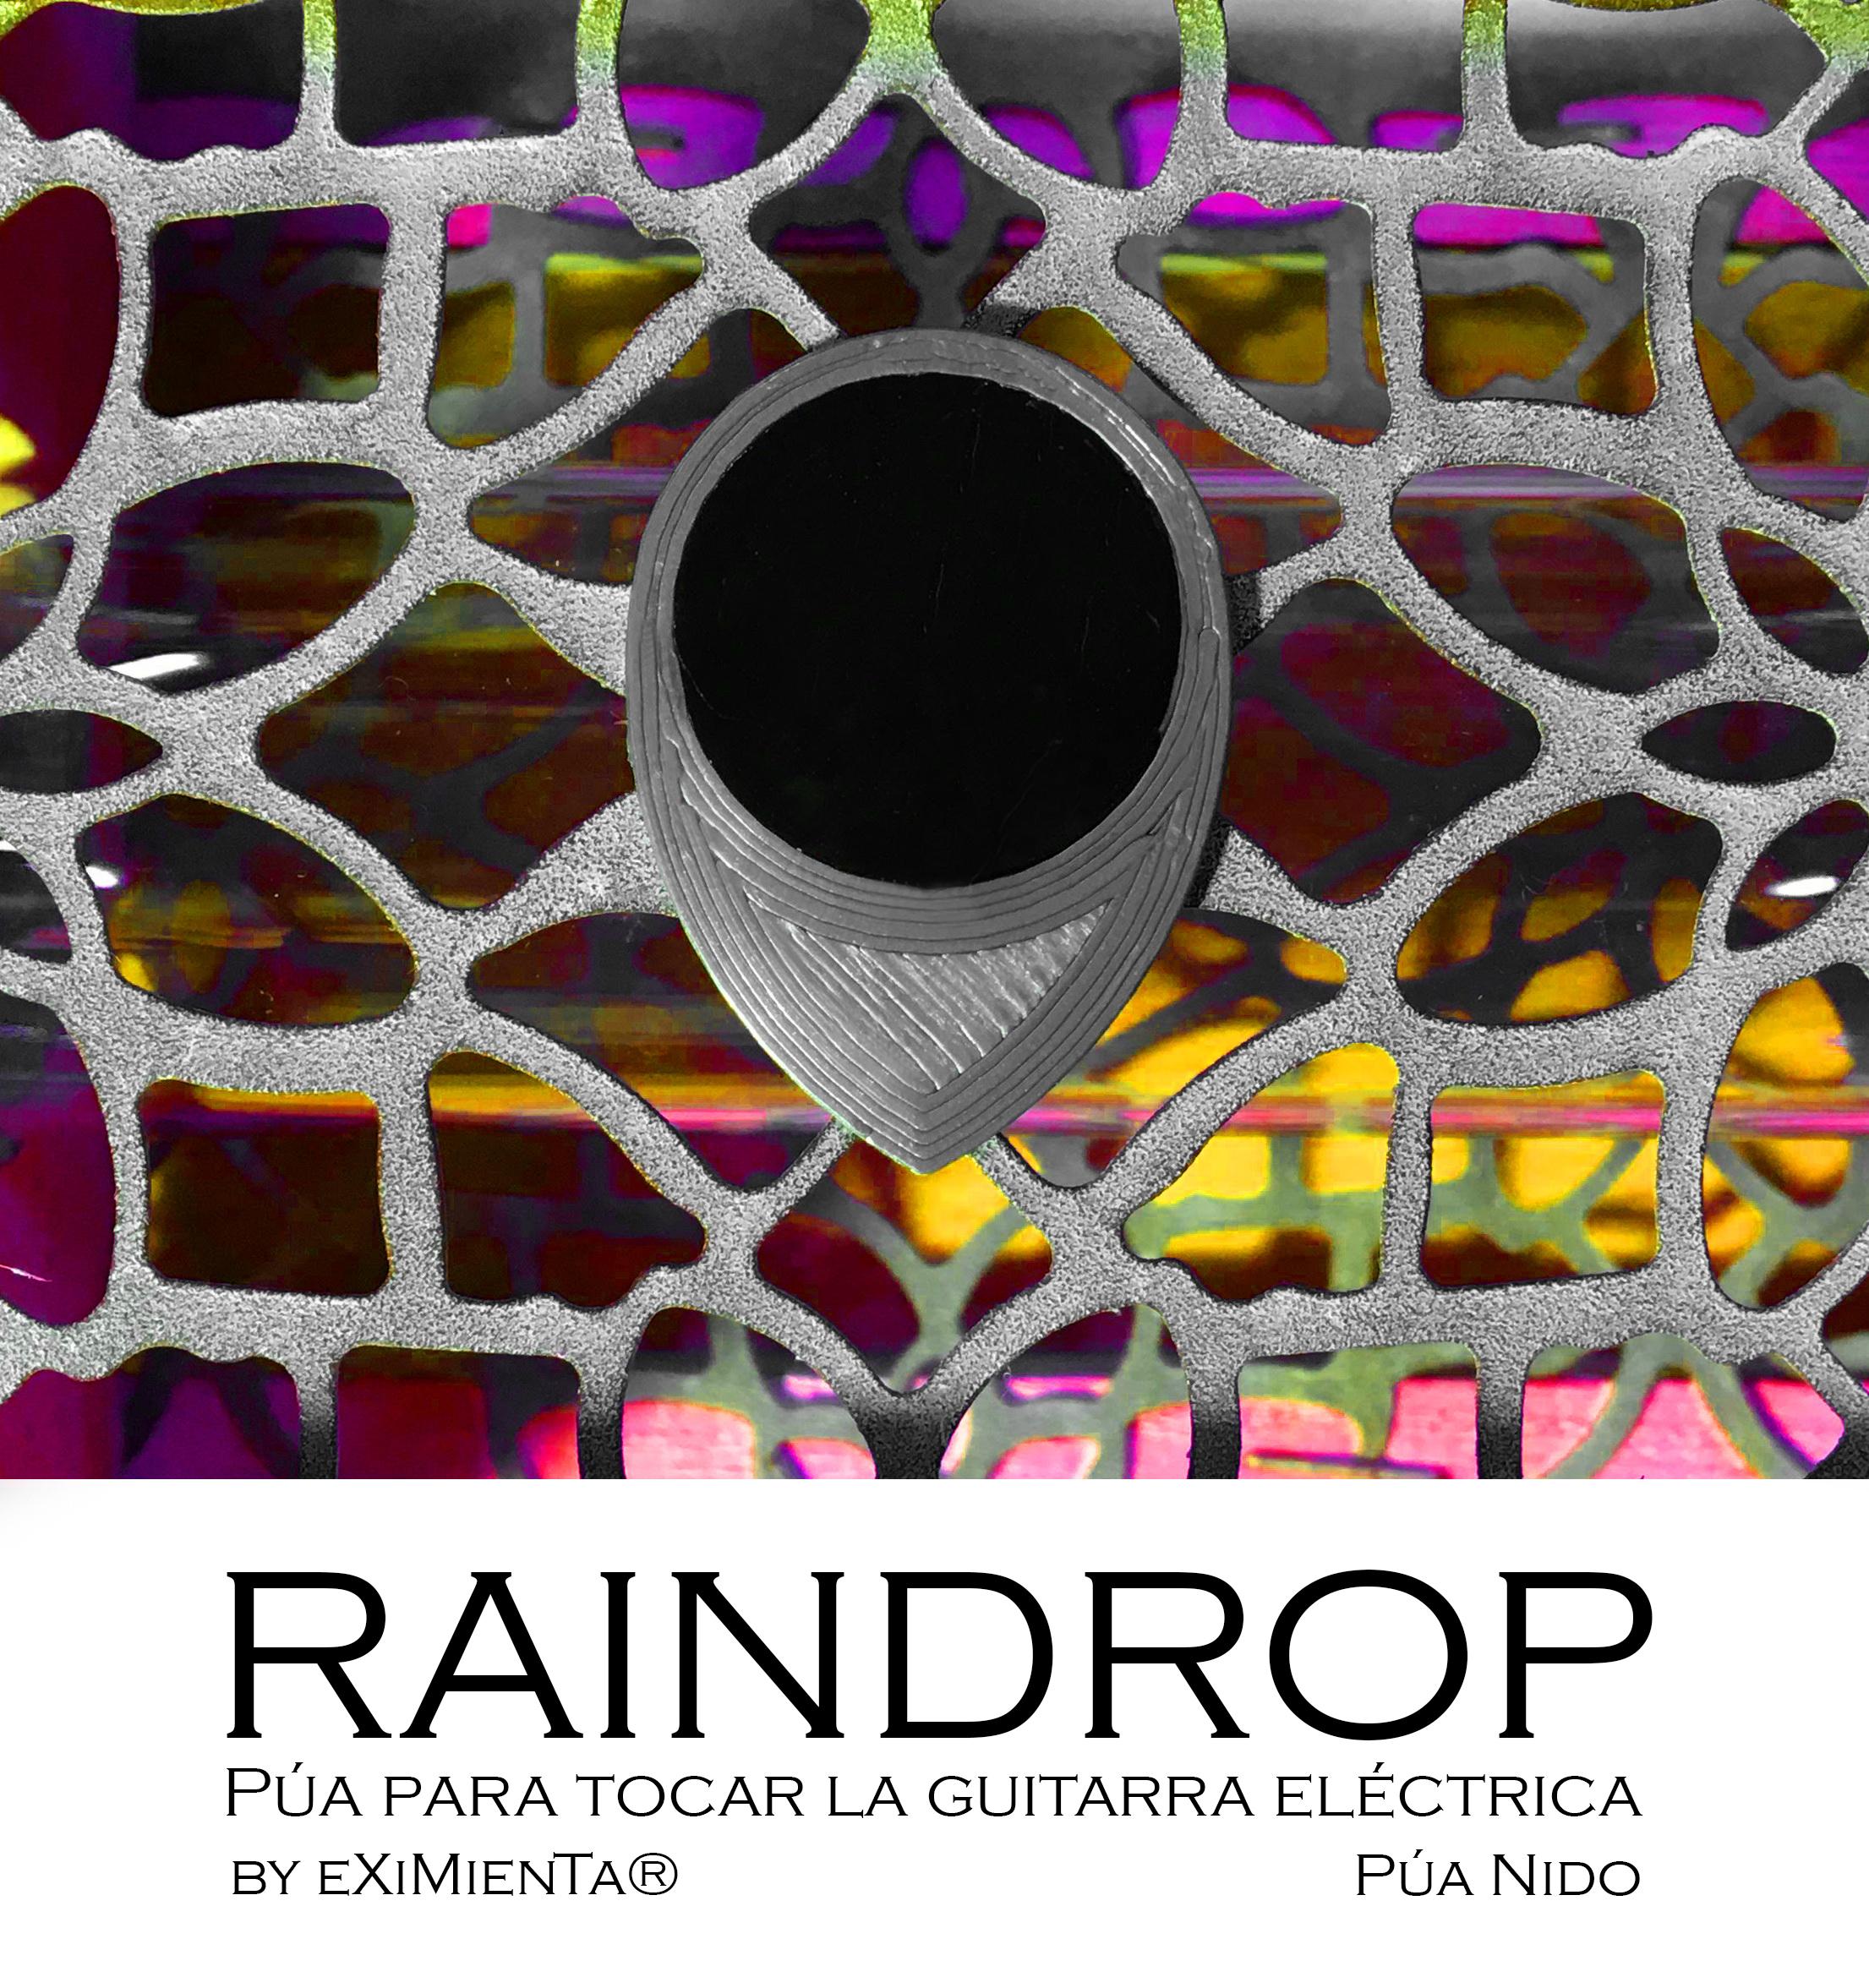 RAINDROP plateblackR9 21x31 imagen.JPG Télécharger fichier STL gratuit RAINDROP R9 21x31 PUA NIDO (GUITARE ÉLECTRIQUE) • Design pour imprimante 3D, carleslluisar